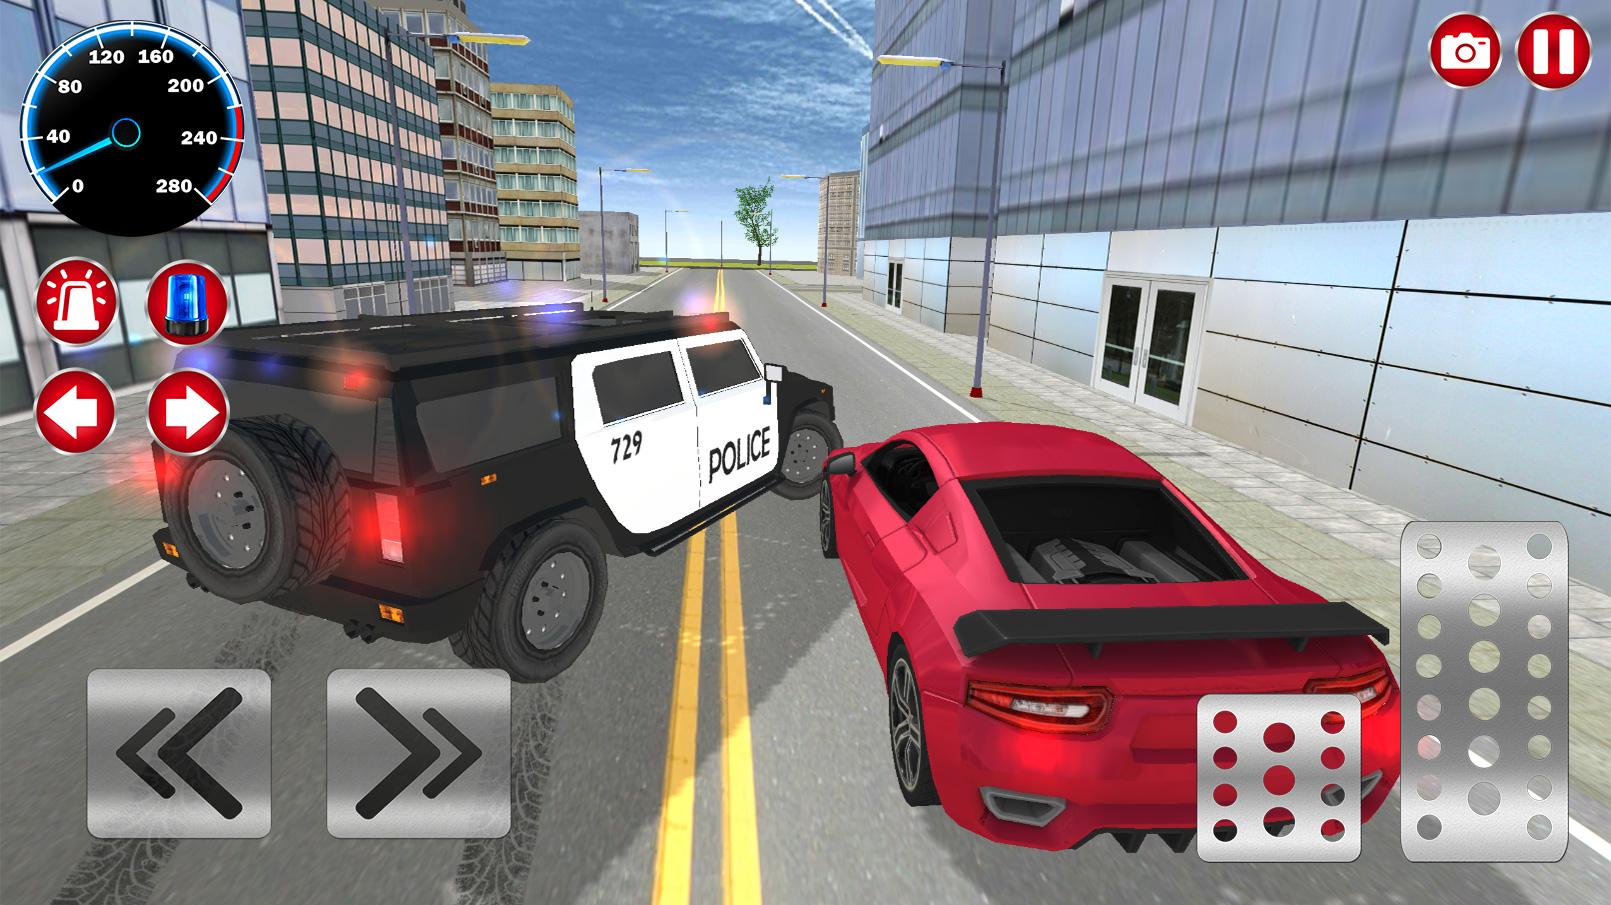 Real Police Car Driving Simulator Car Games 2020 Apk 3 4 Download For Android Download Real Police Car Driving Simulator Car Games 2020 Apk Latest Version Apkfab Com